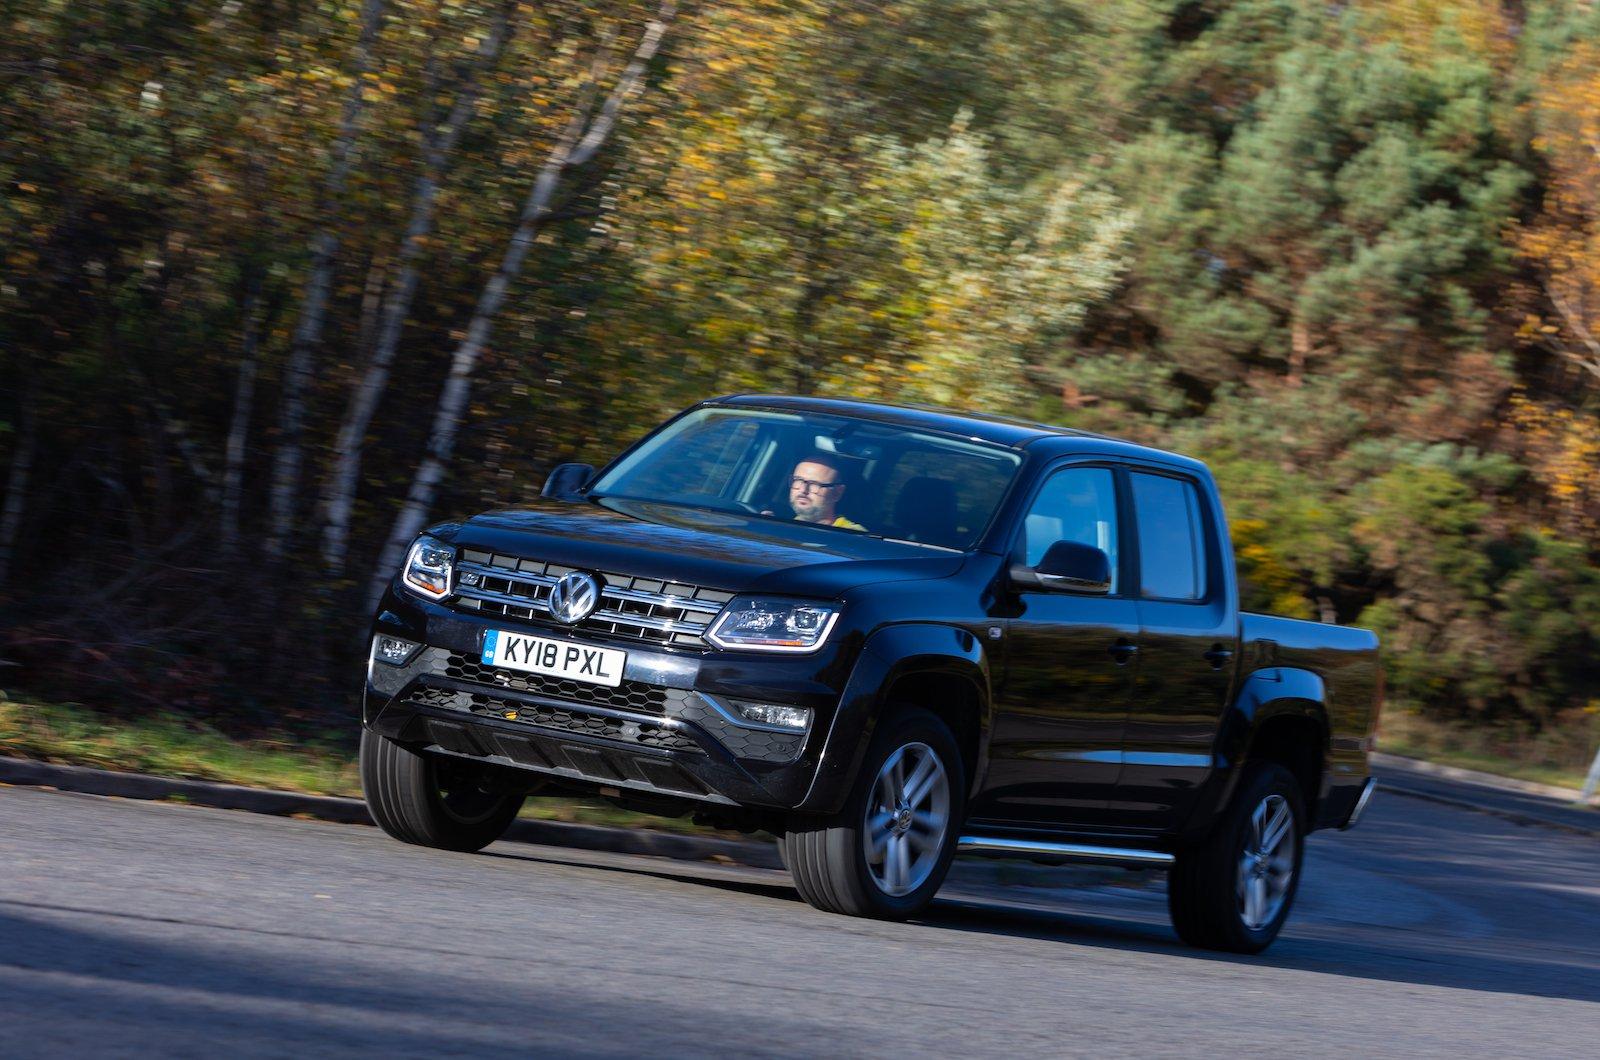 Volkswagen Amarok Us Release Date | www.imagenesmy.com